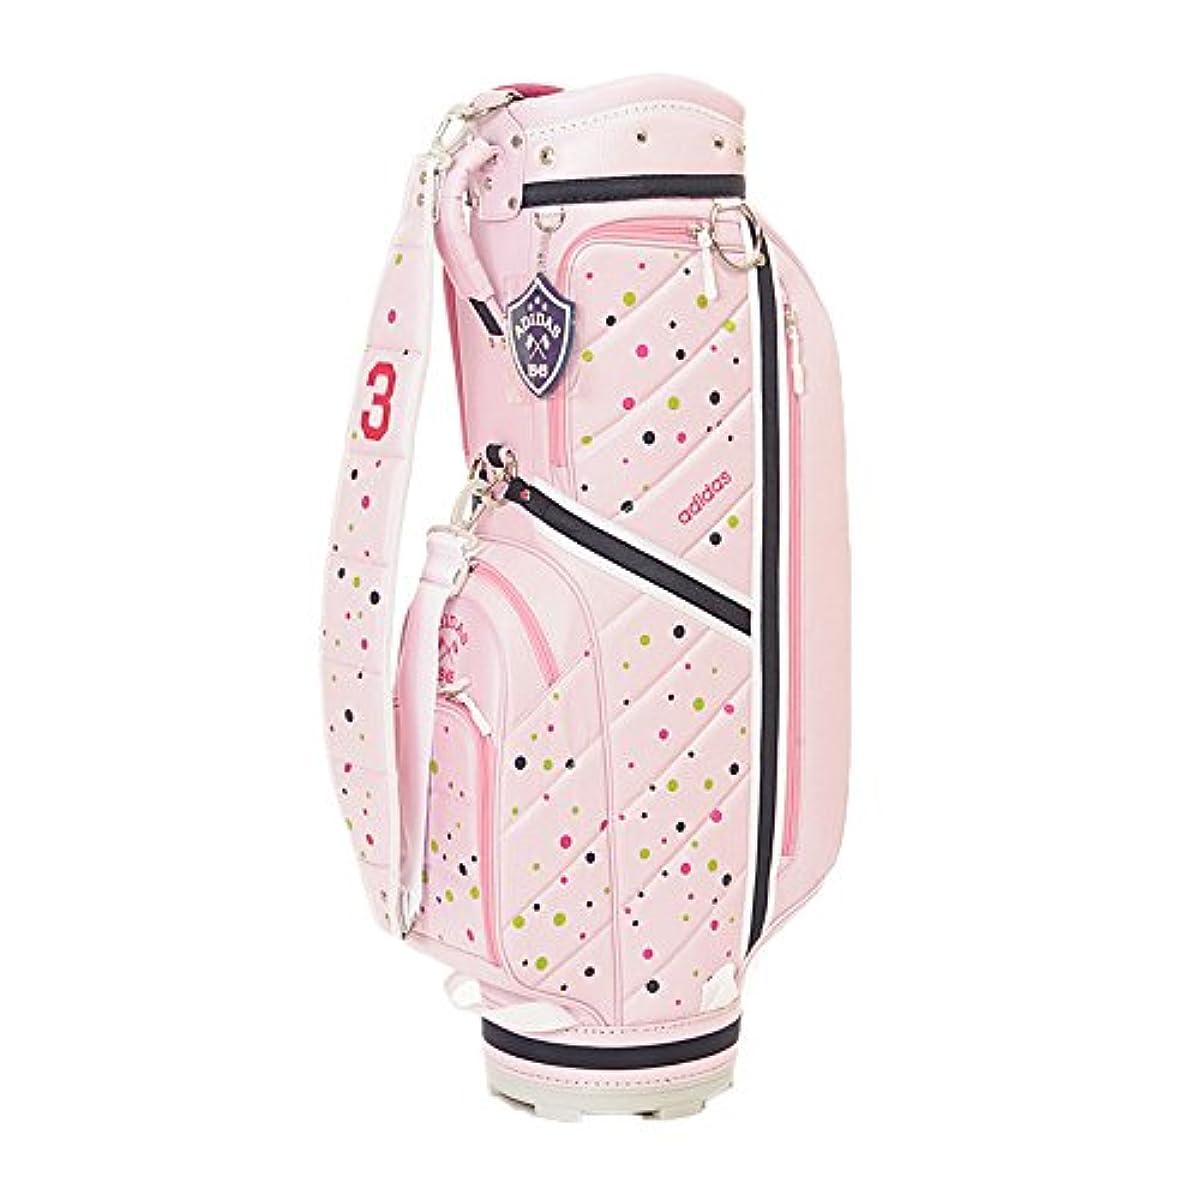 [해외] adidas Golf(아디다스 골프) AWS10 women's ADICROSS 캐디 백3 레이디스 AWS10 A15936:핑크 8.5타입 46인치 대응 (2015-12-11)